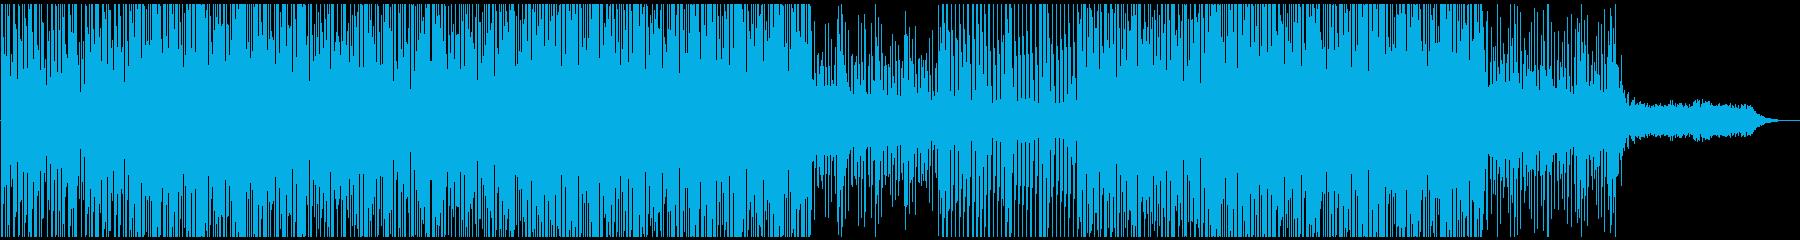 革新的で明るくアクティブなサウンドの再生済みの波形